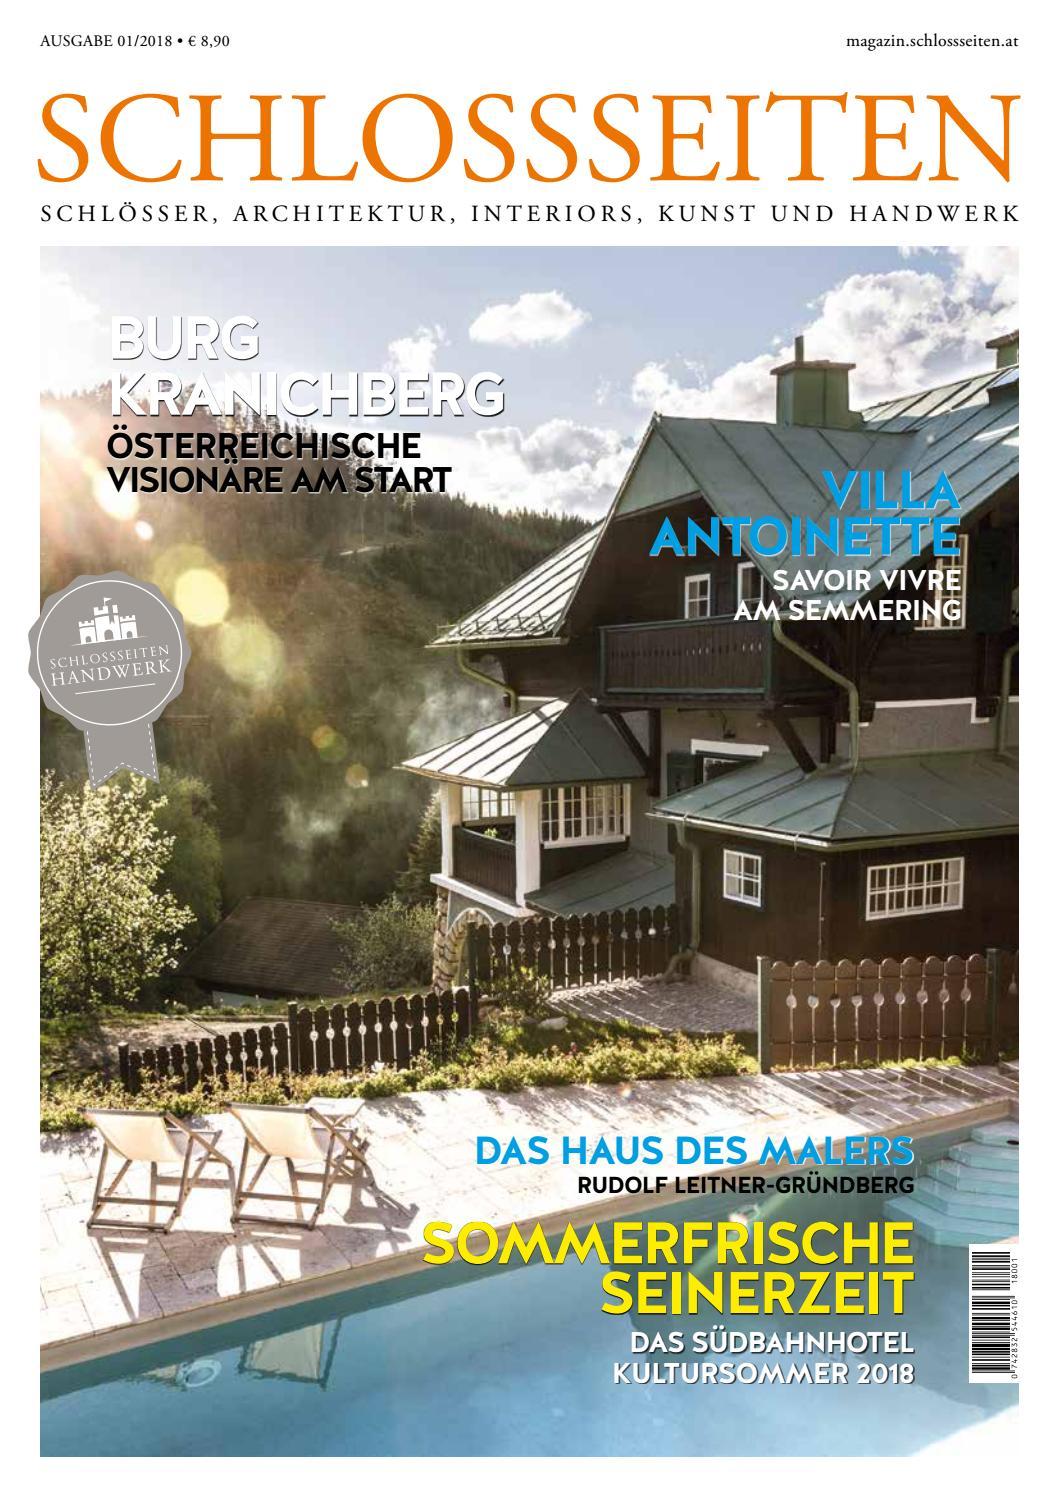 Schlossseiten Ausgabe 01 2018 By Schlossseiten   Issuu